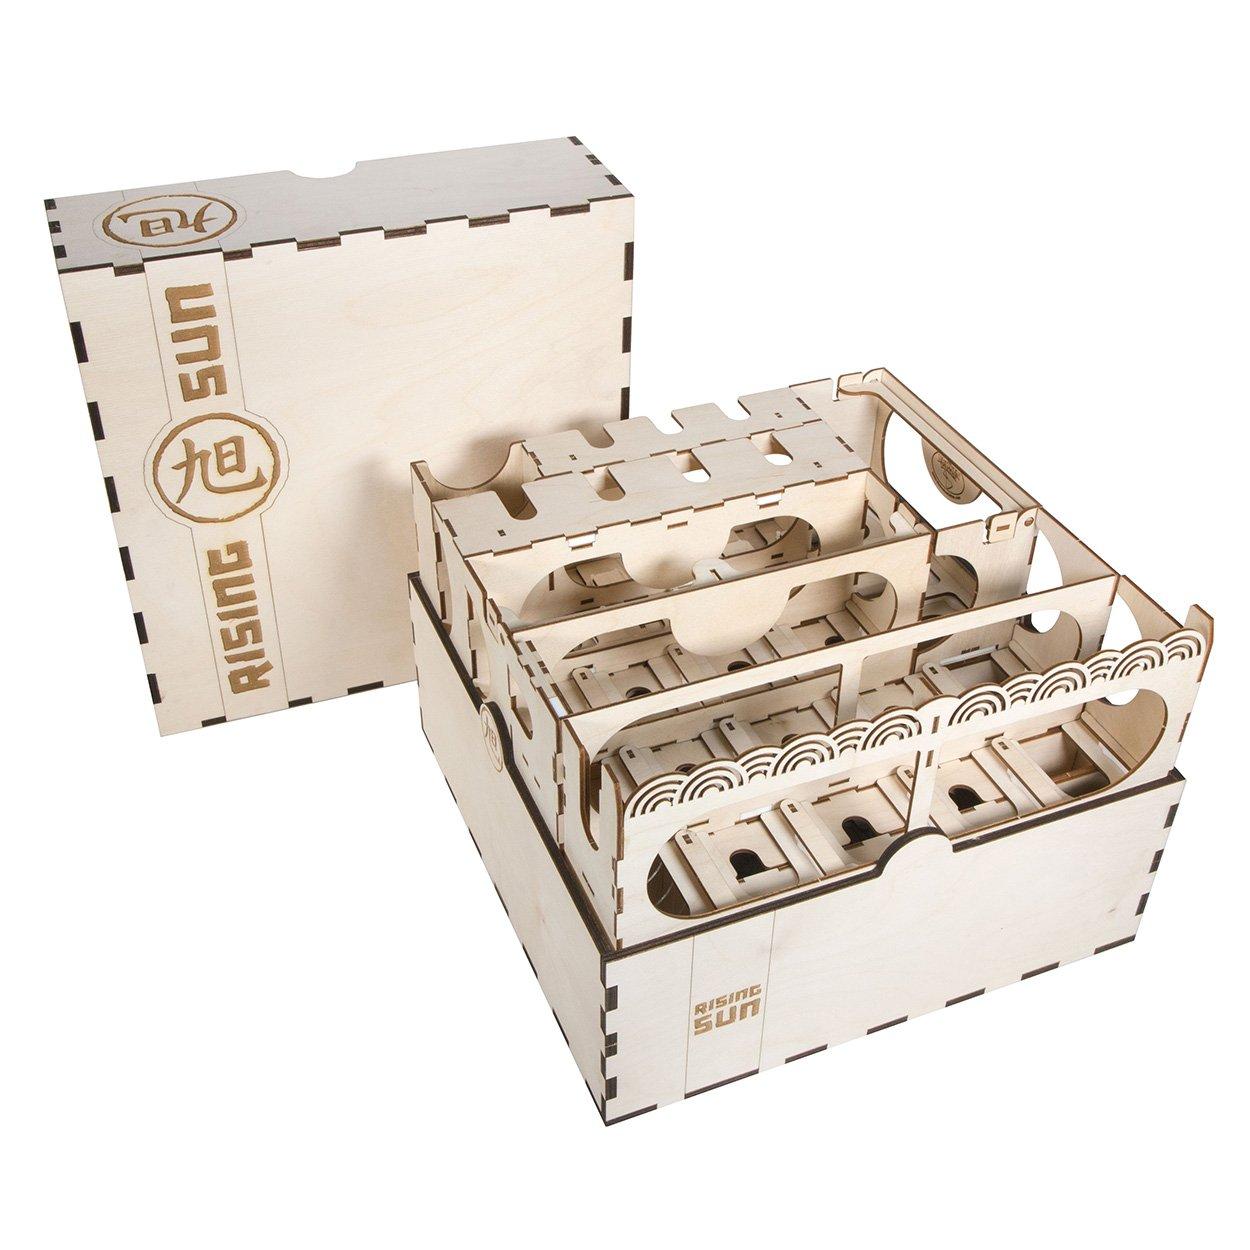 The Broken Token Rising Sun Daimyo Collection Crate and Organizer by The Broken Token (Image #4)